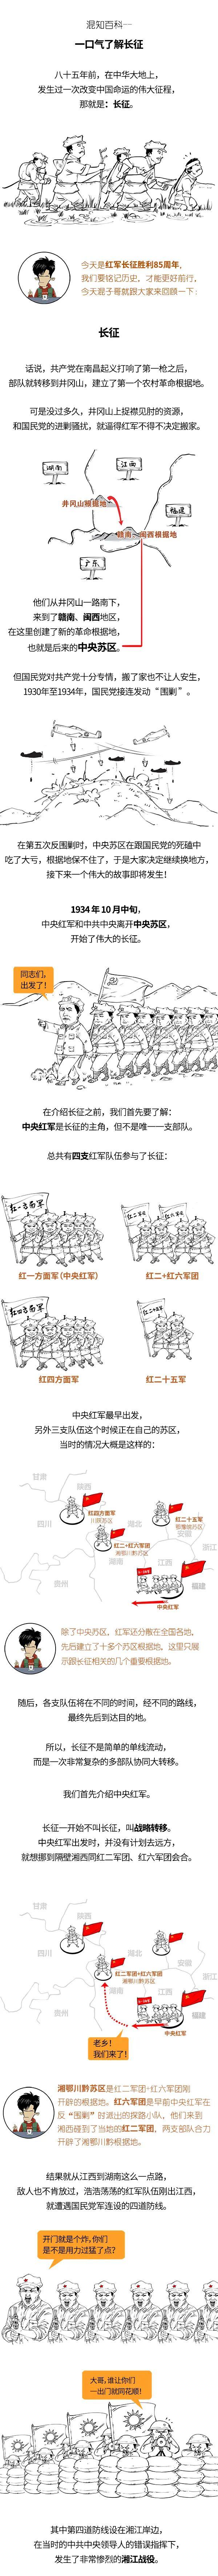 漫画 一口气了解长征:纪念长征胜利85周年